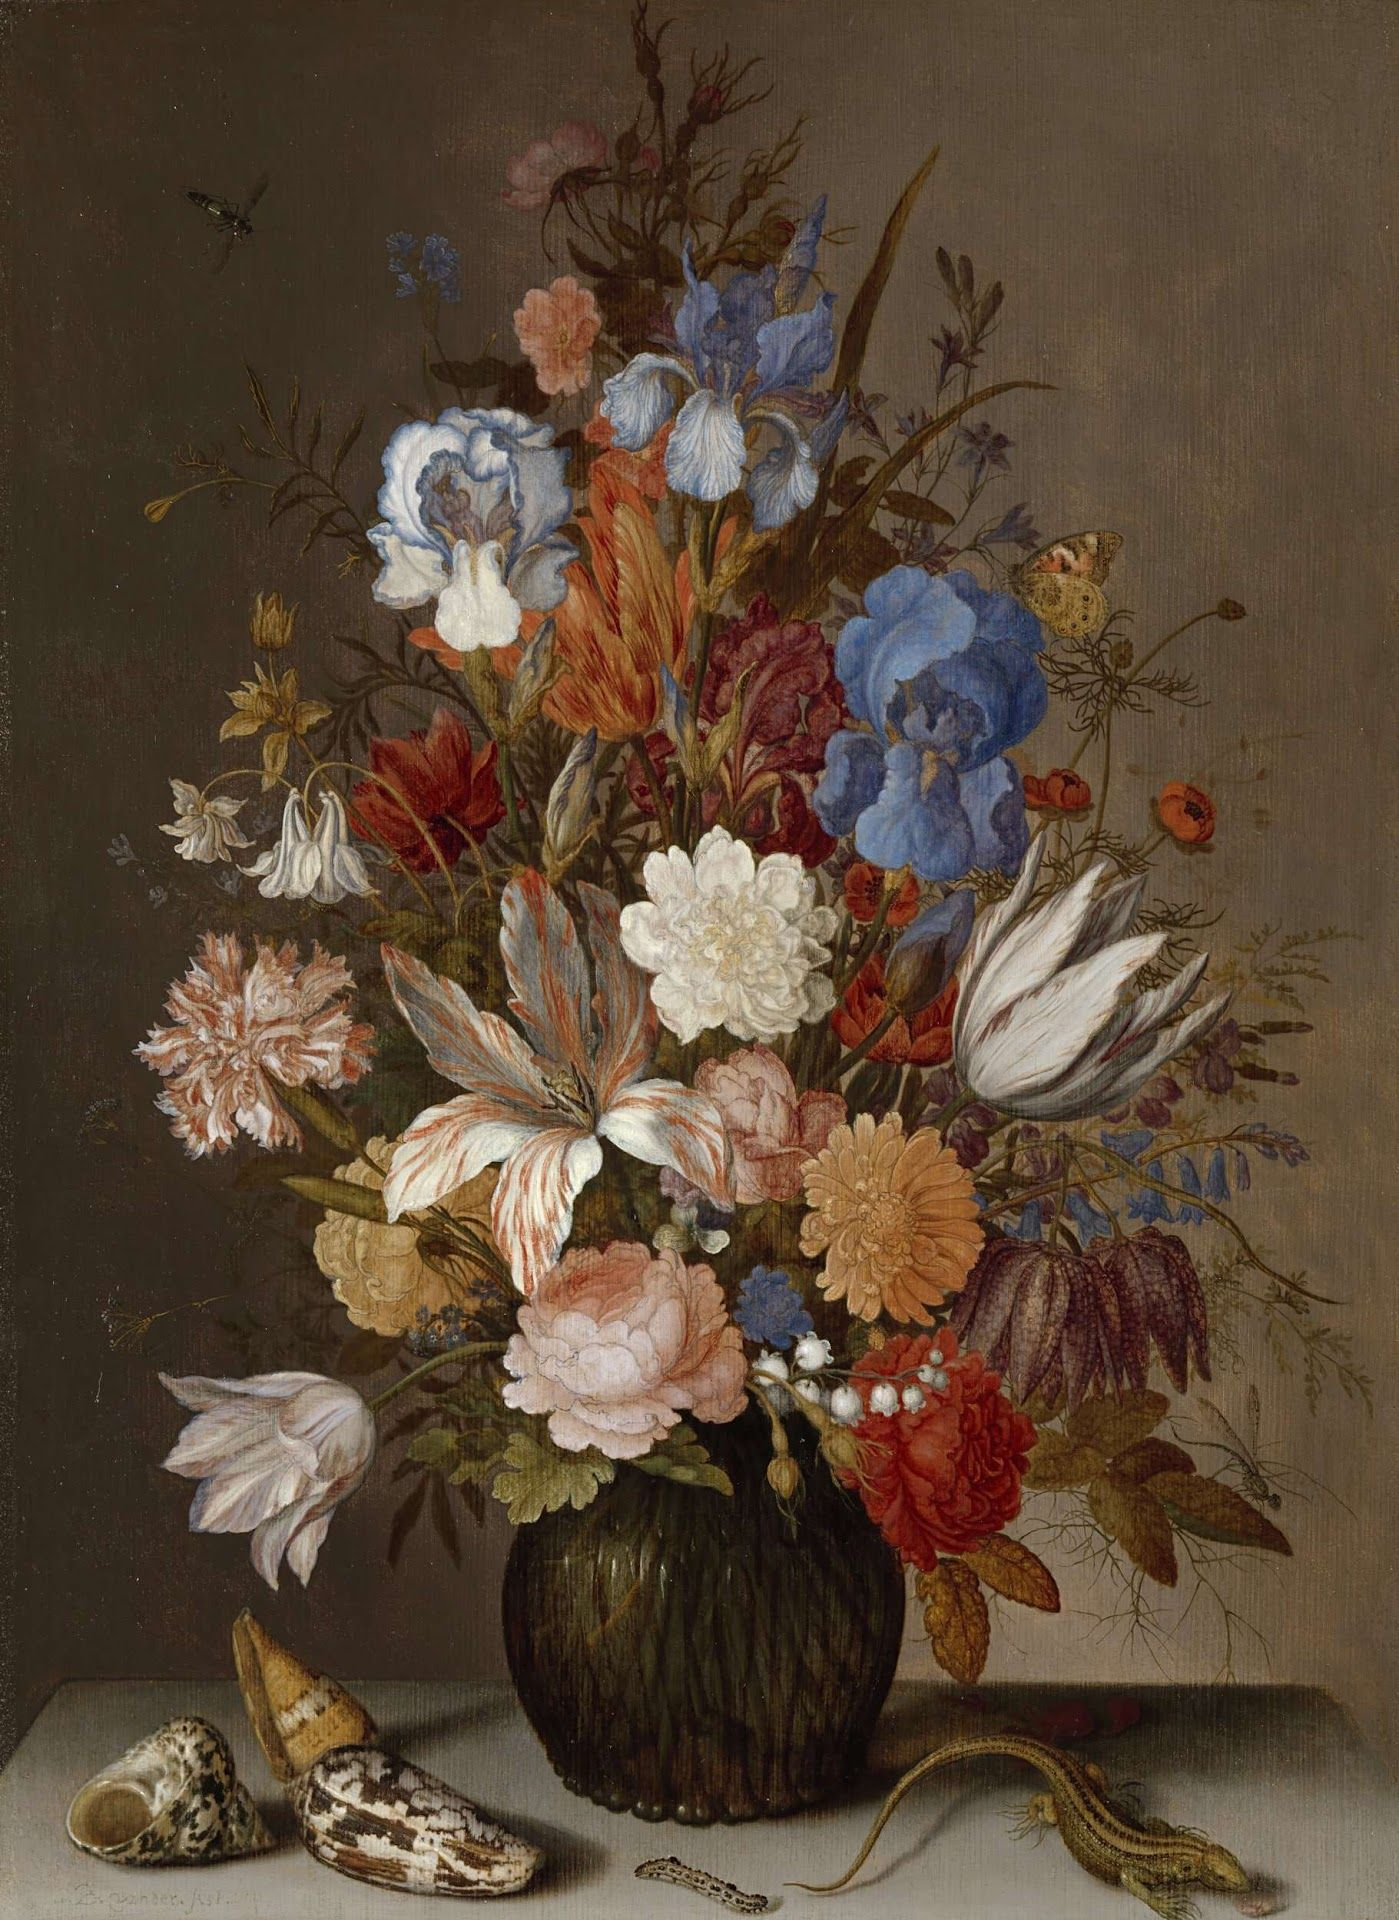 Ast, Balthasar van der -- Stilleven met bloemen., 1625-1630 rijks museum